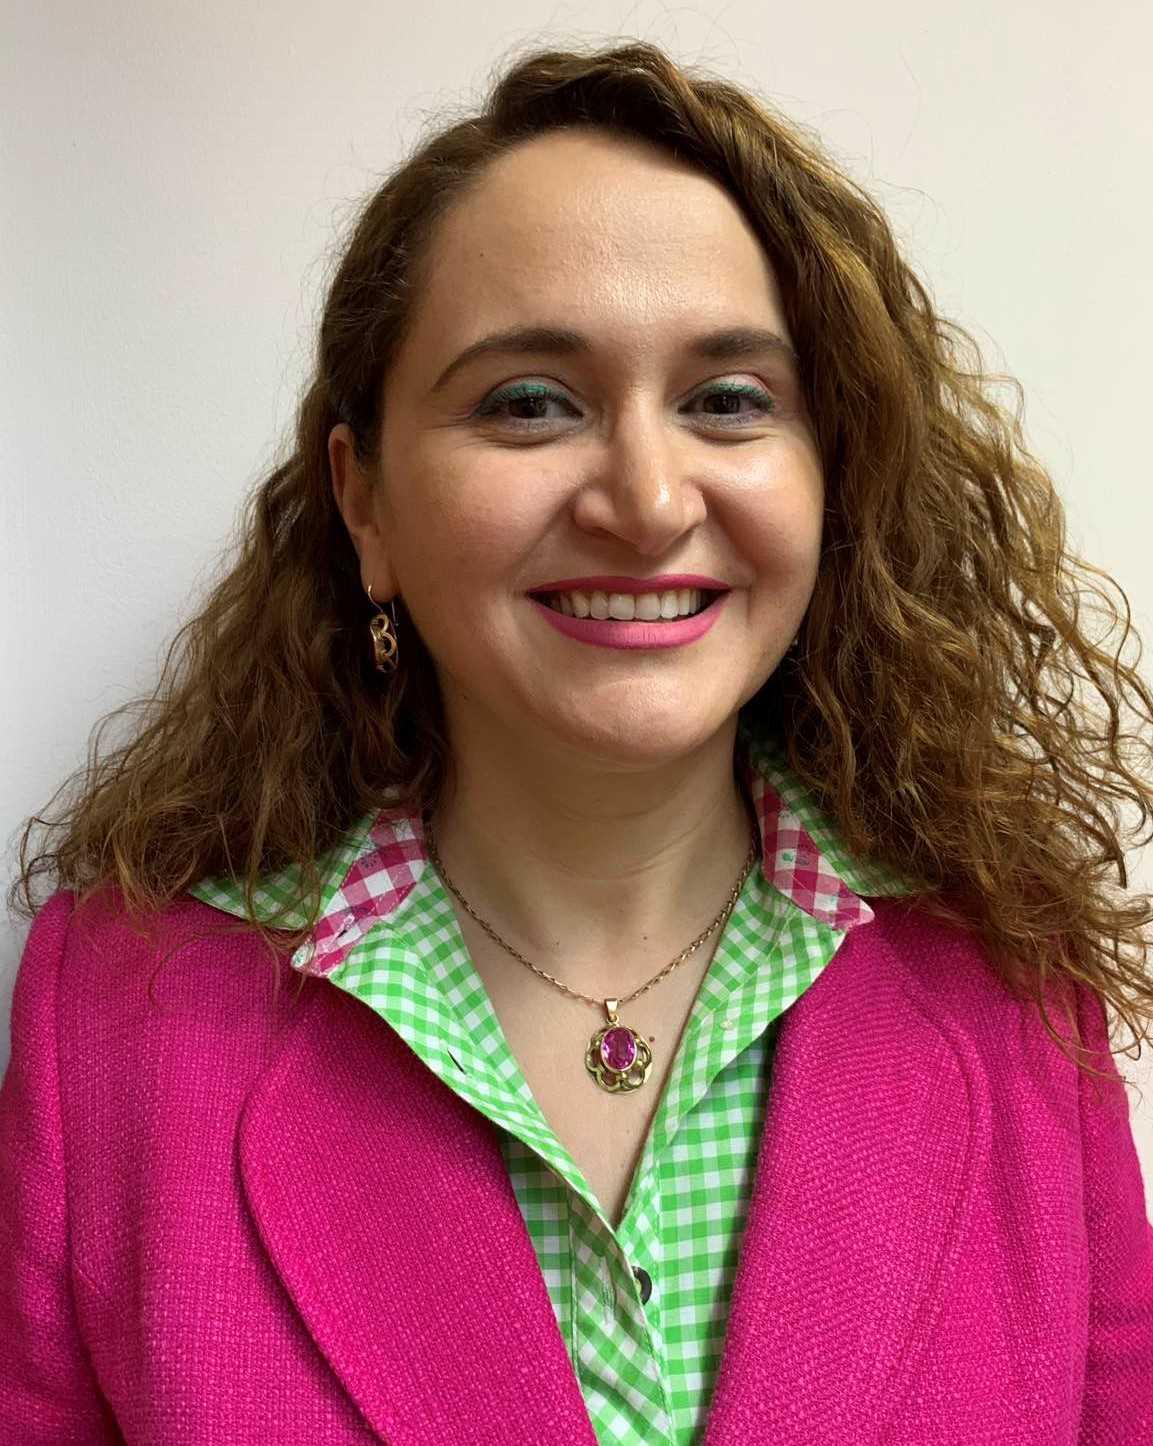 Remzie Shahini-Hoxhaj